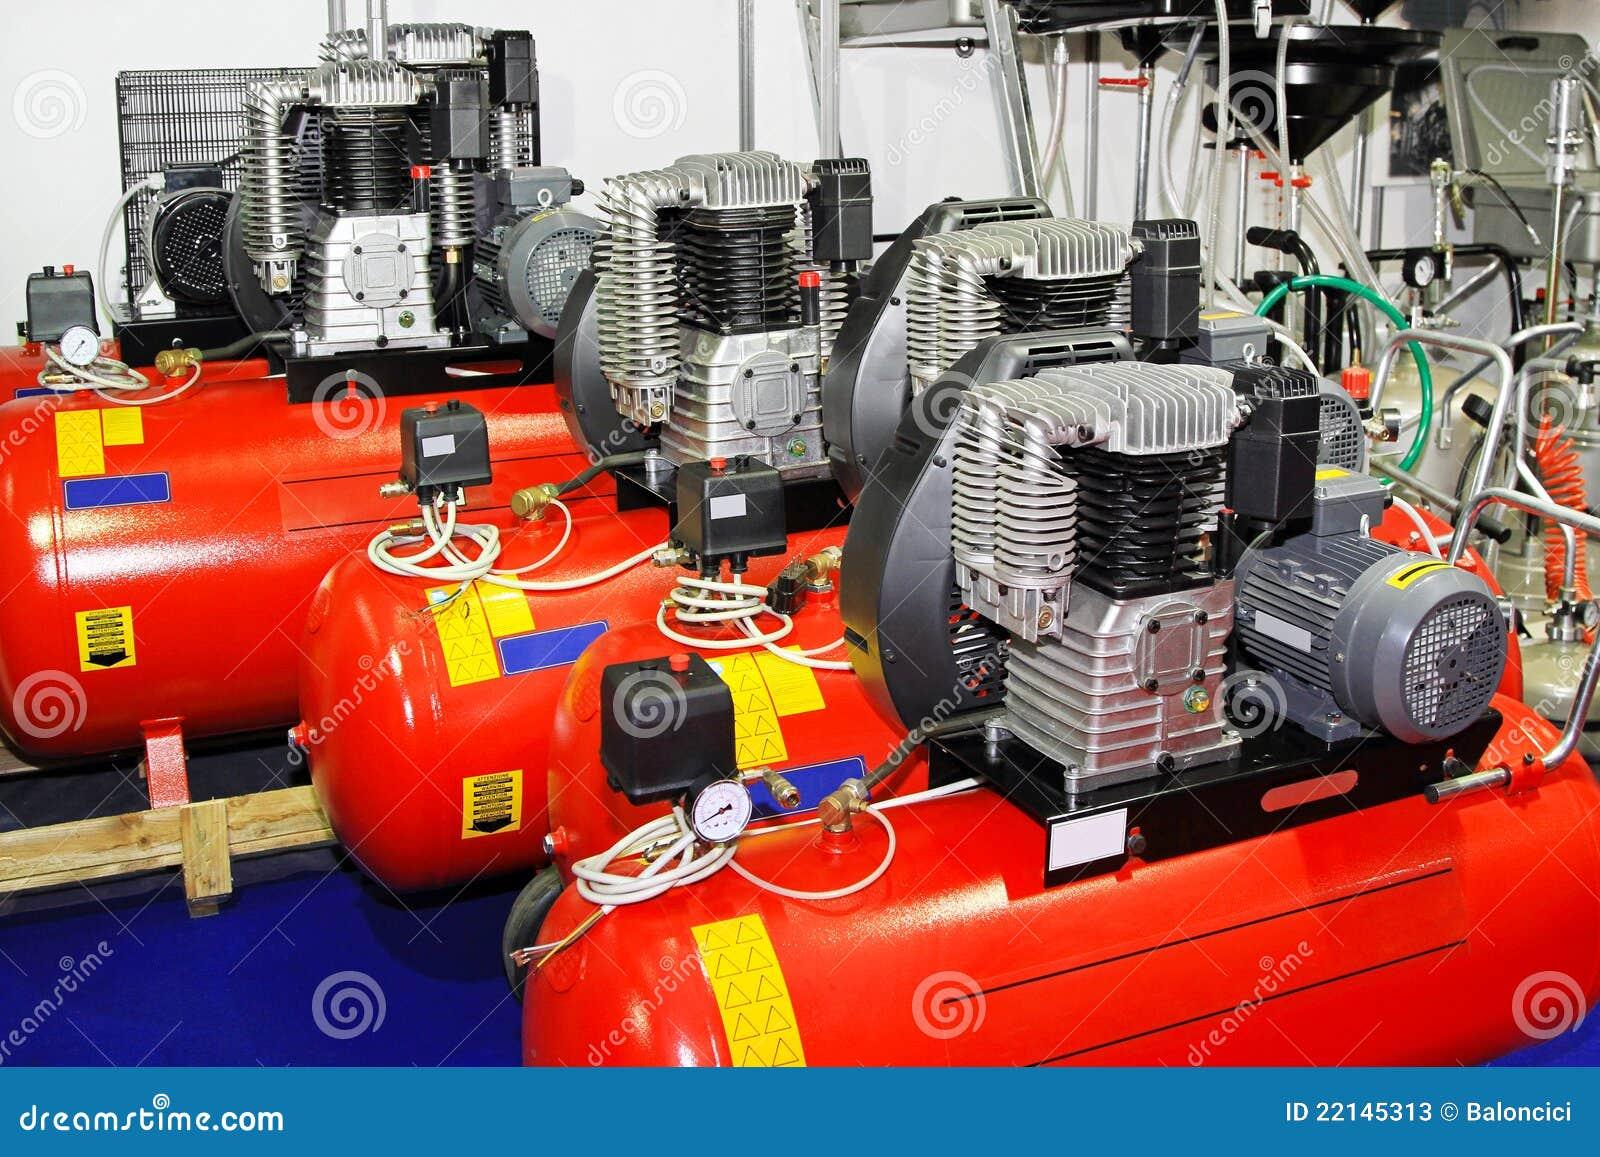 Compresores de aire imagen de archivo imagen de compresor - Ofertas de compresores de aire ...